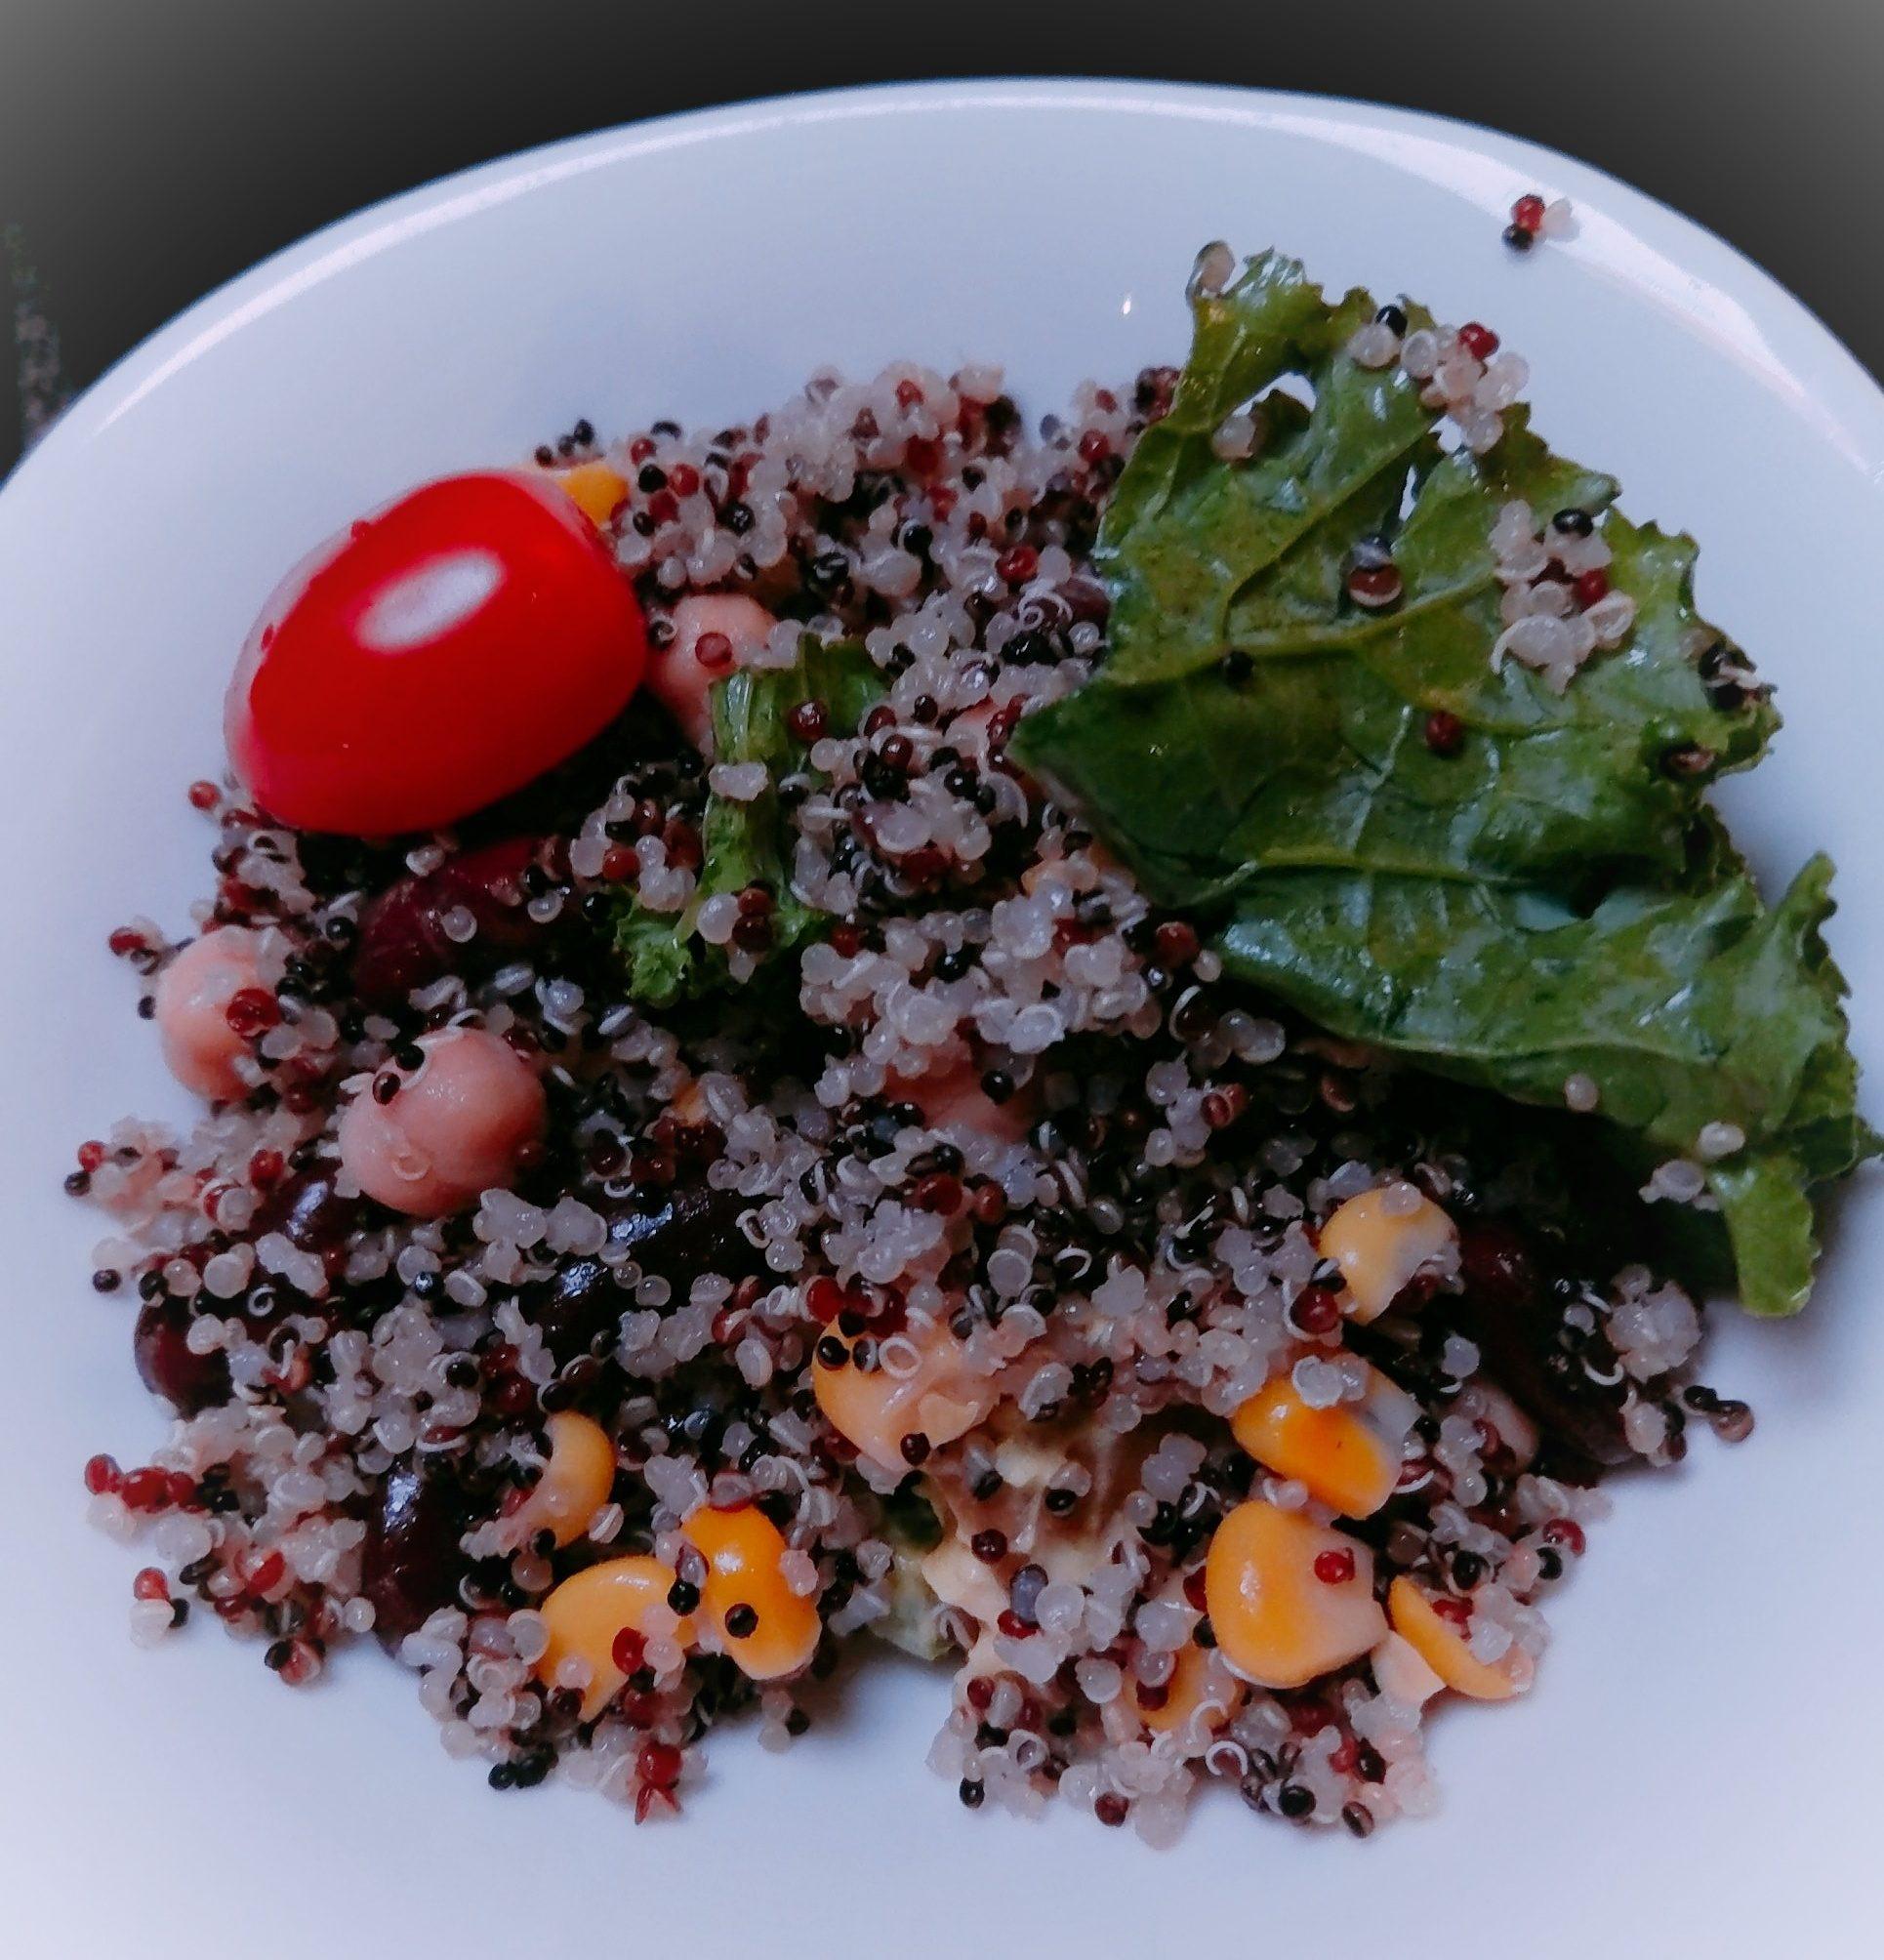 以藜麥配搭蔬菜製成沙律菜式